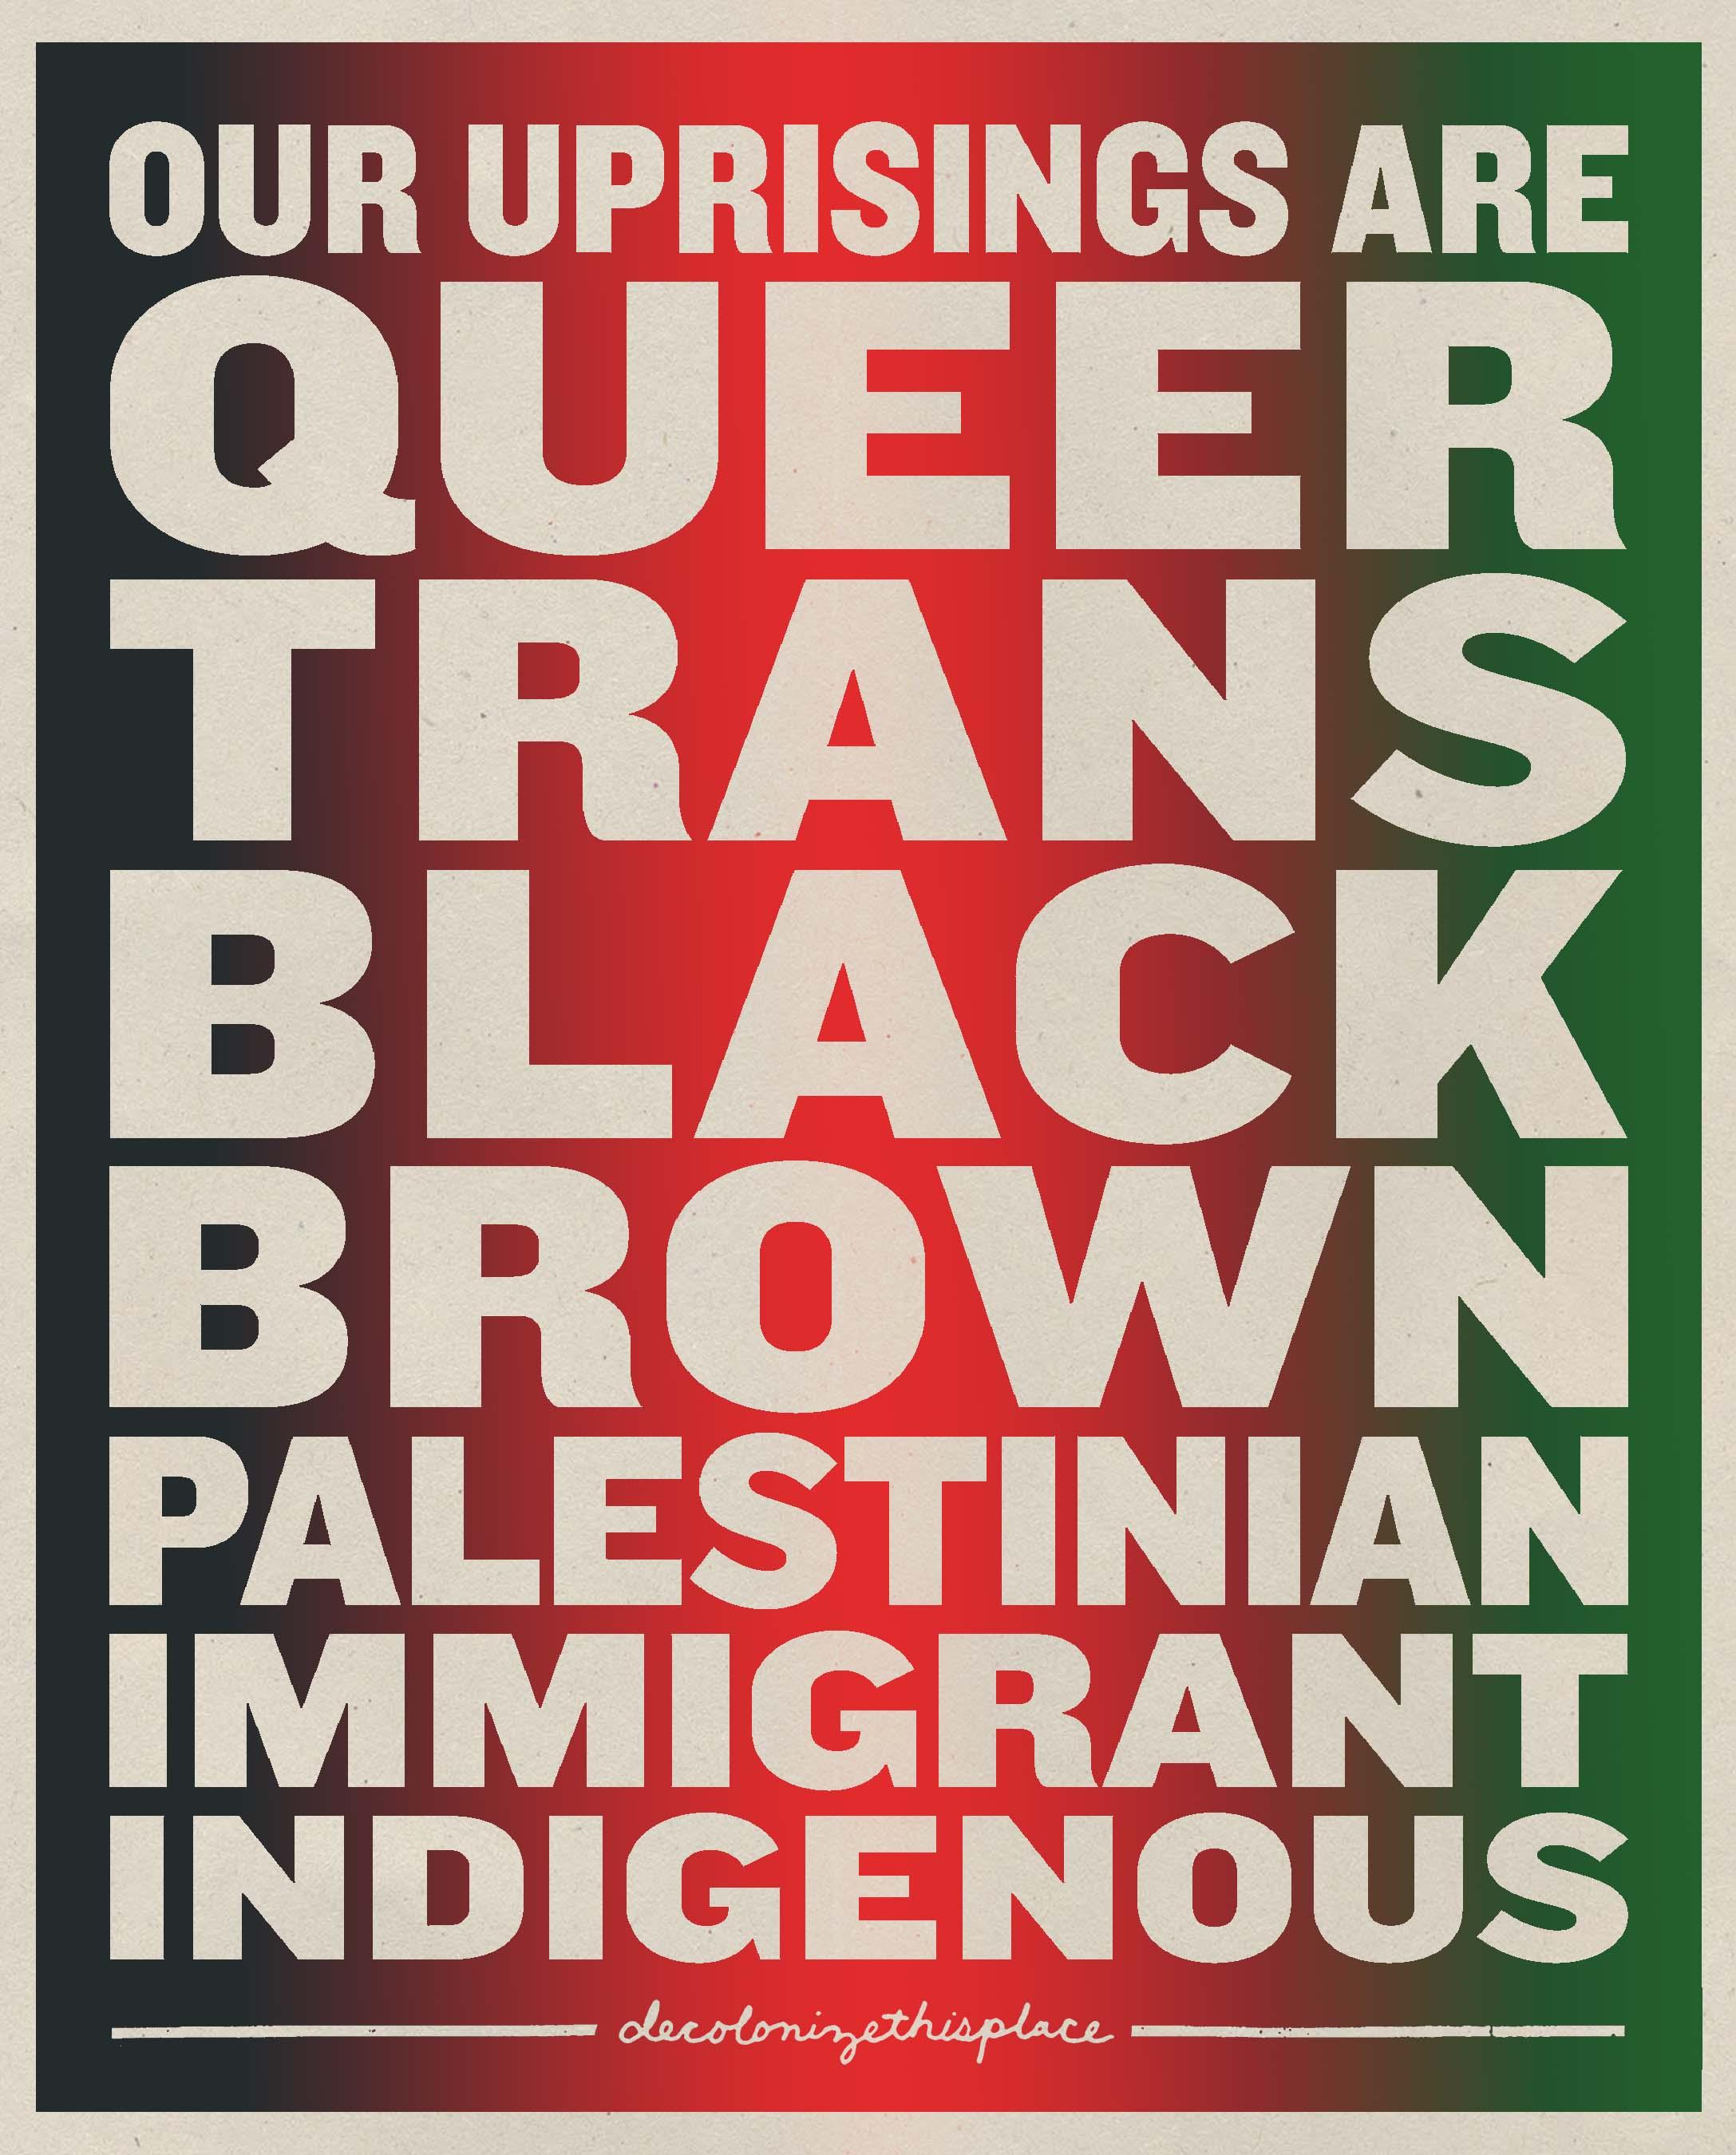 OurUprisings_Poster_IG.jpg